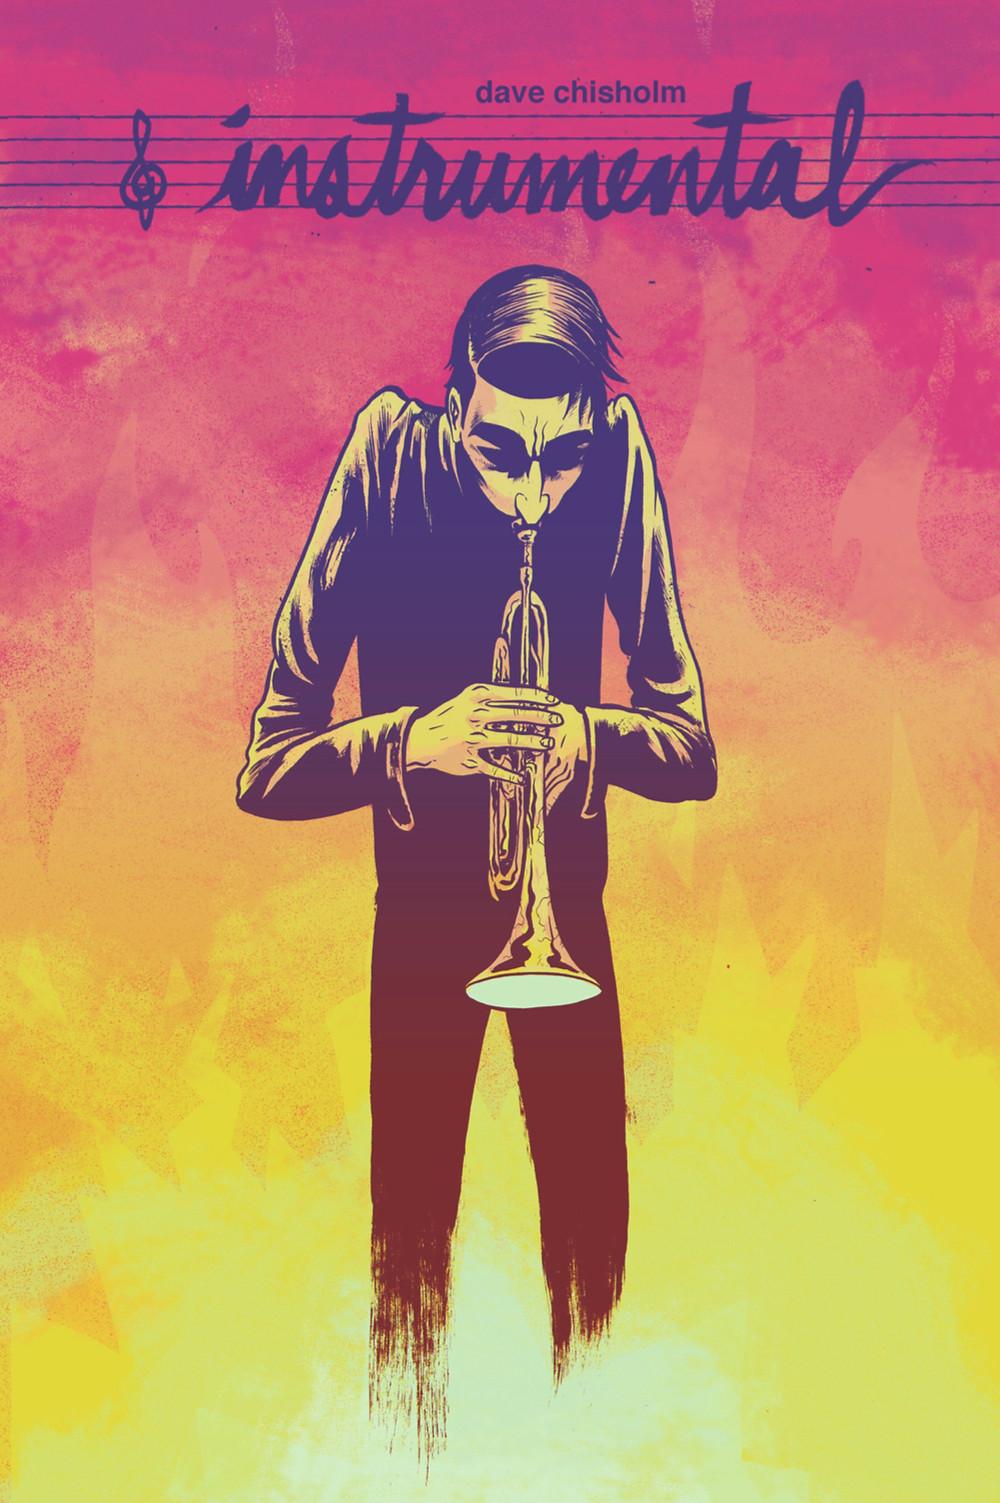 Instrumental, cover, Z2 Comics, Chisholm